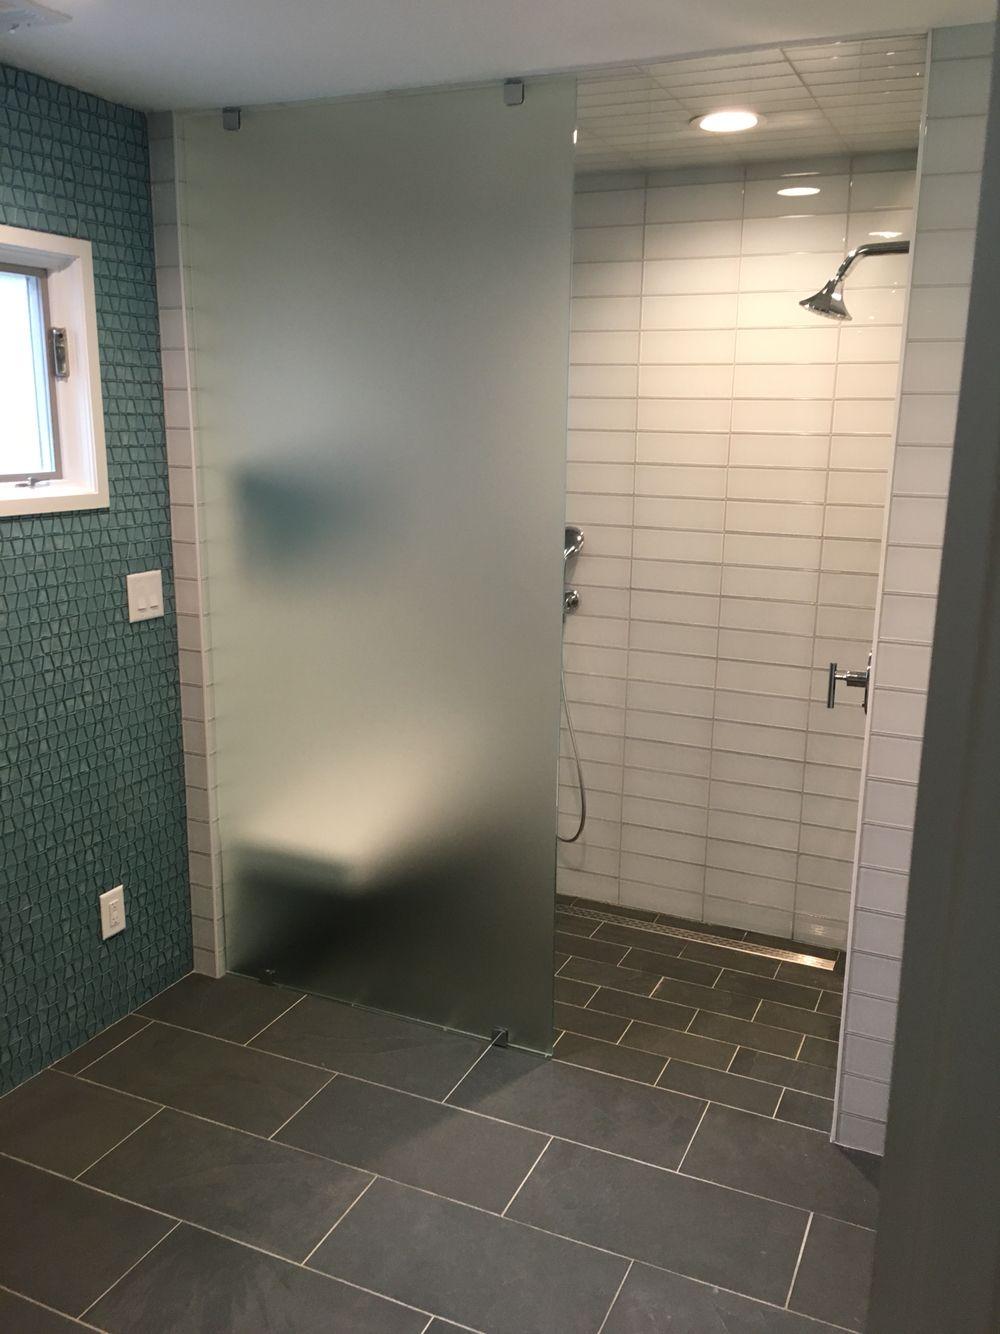 Glass tile Curb less shower Linear drain Steam shower Curb less